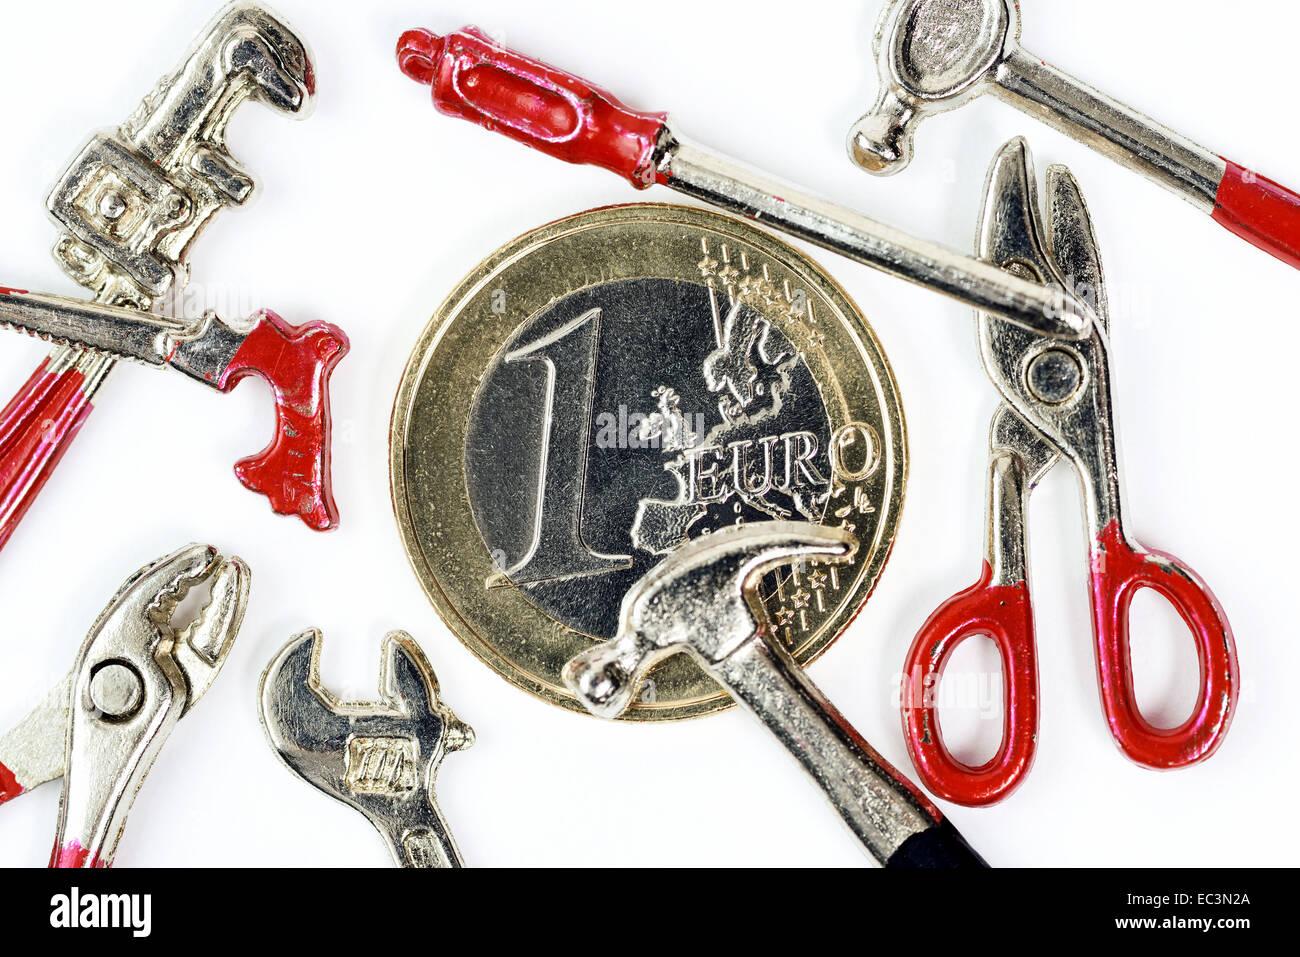 Un Euro monete e strumenti in miniatura, salario minimo Immagini Stock